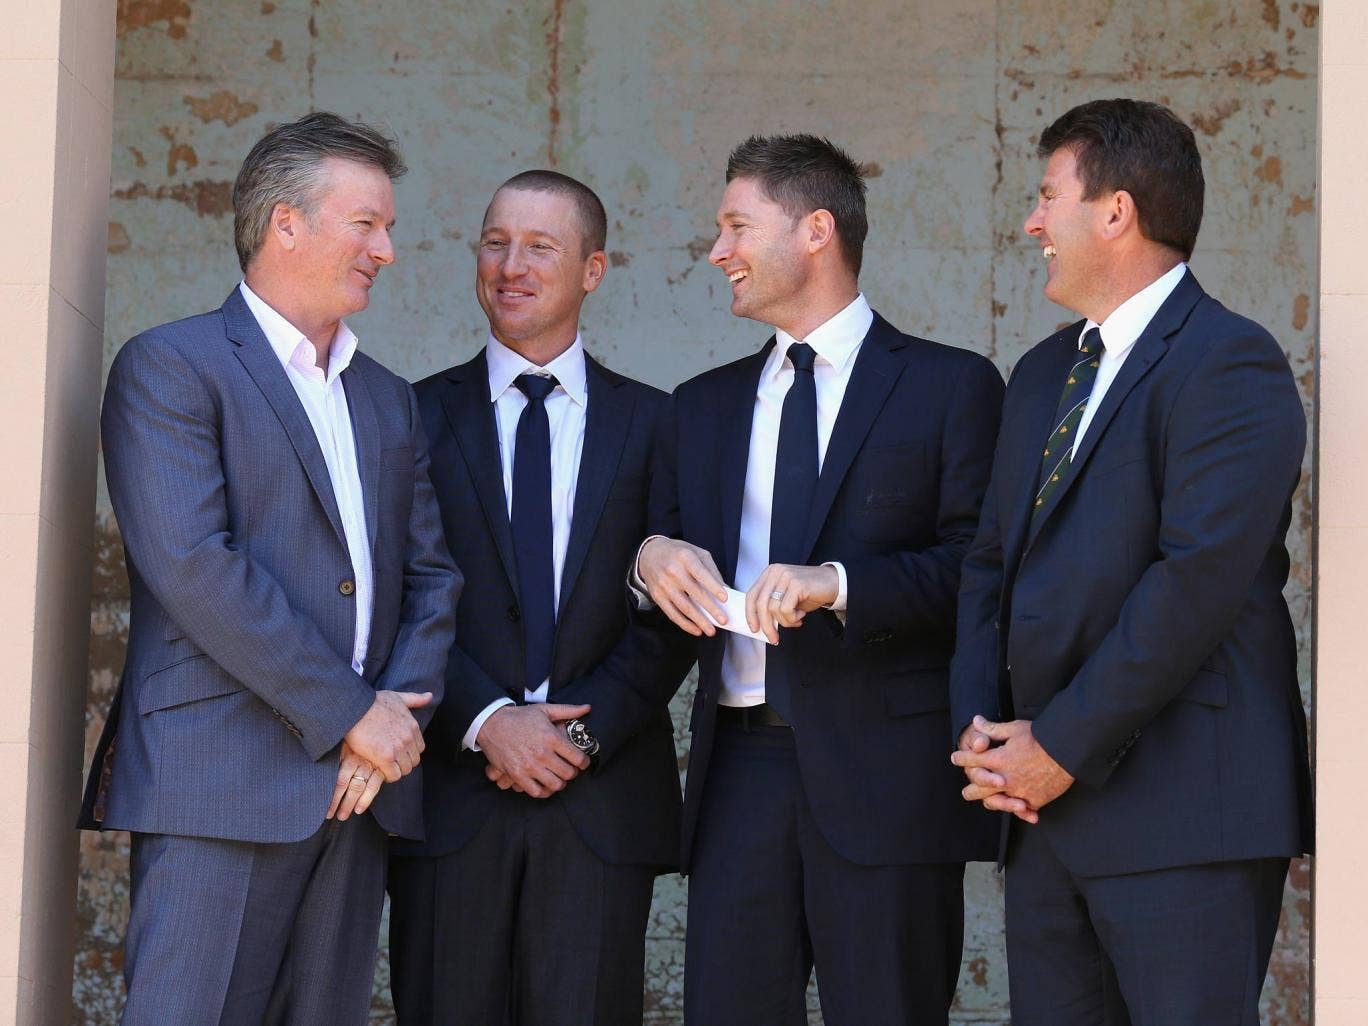 Former Australian captain Steve Waugh, Brad Haddin of Australia, Australian captain Michael Clarke, and former Australian captain Mark Taylor